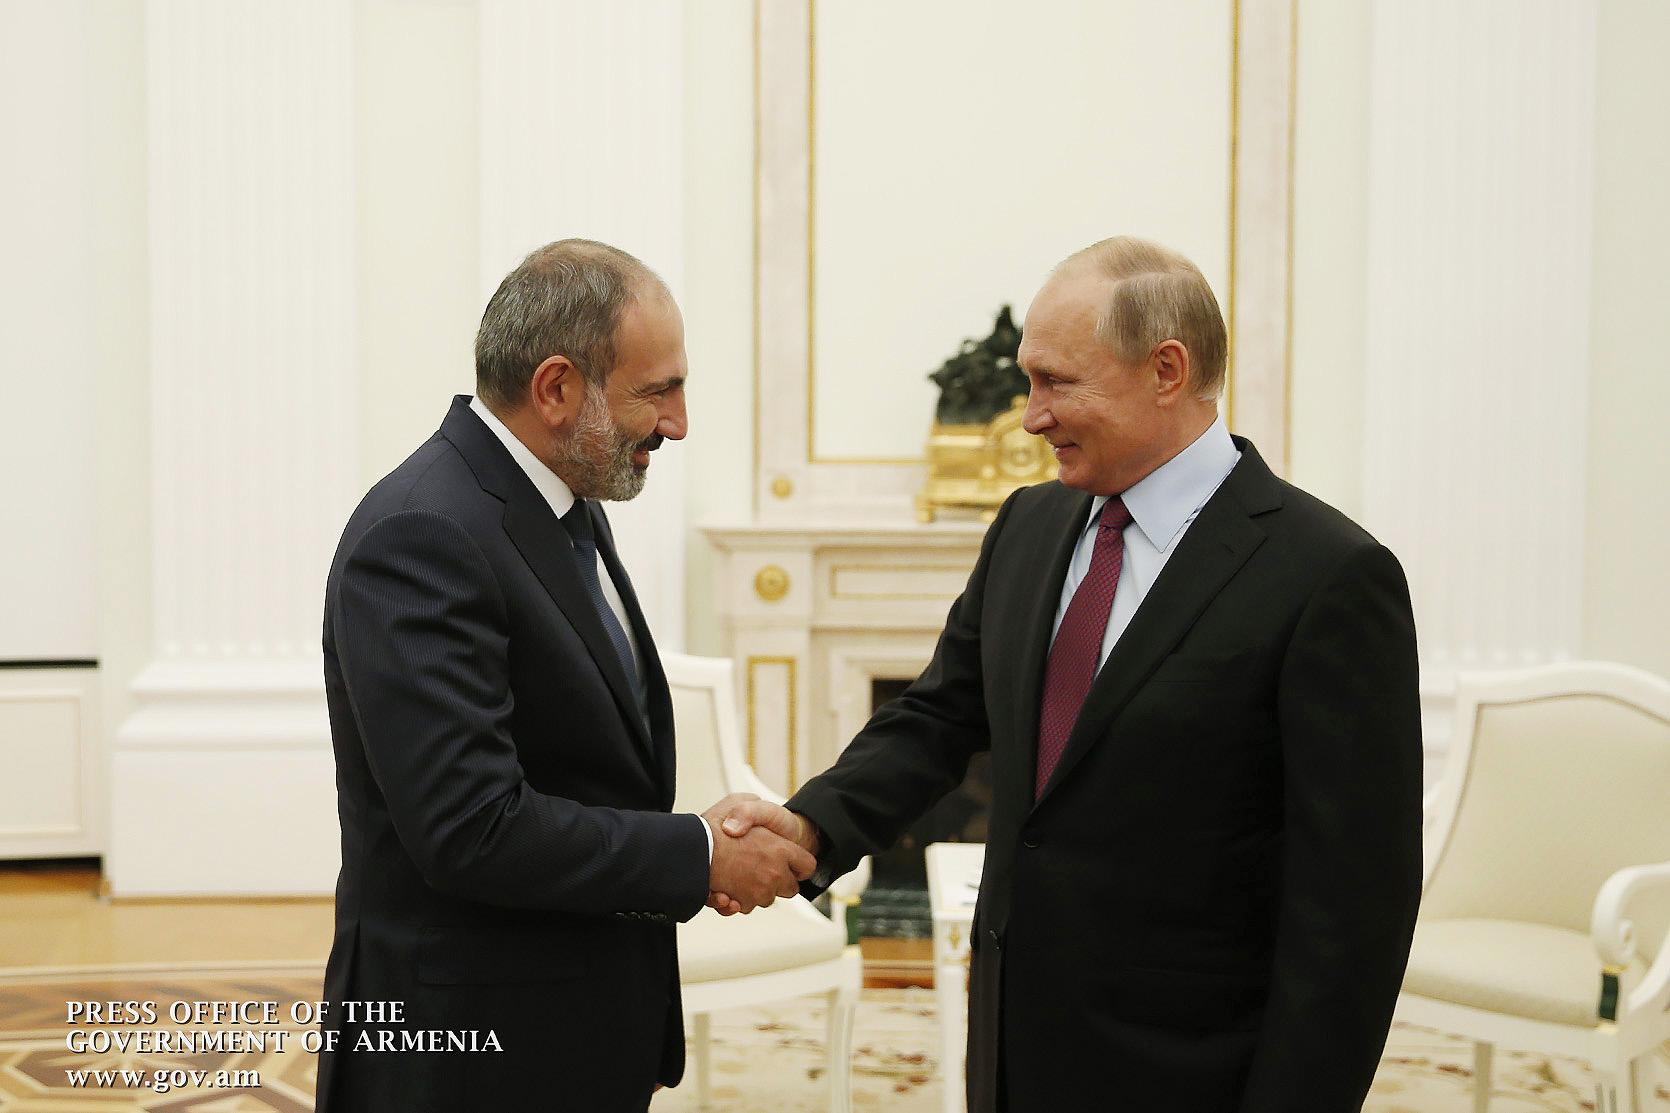 Никол Пашинян направил поздравительные послания Владимиру Путину по случаю Дня России